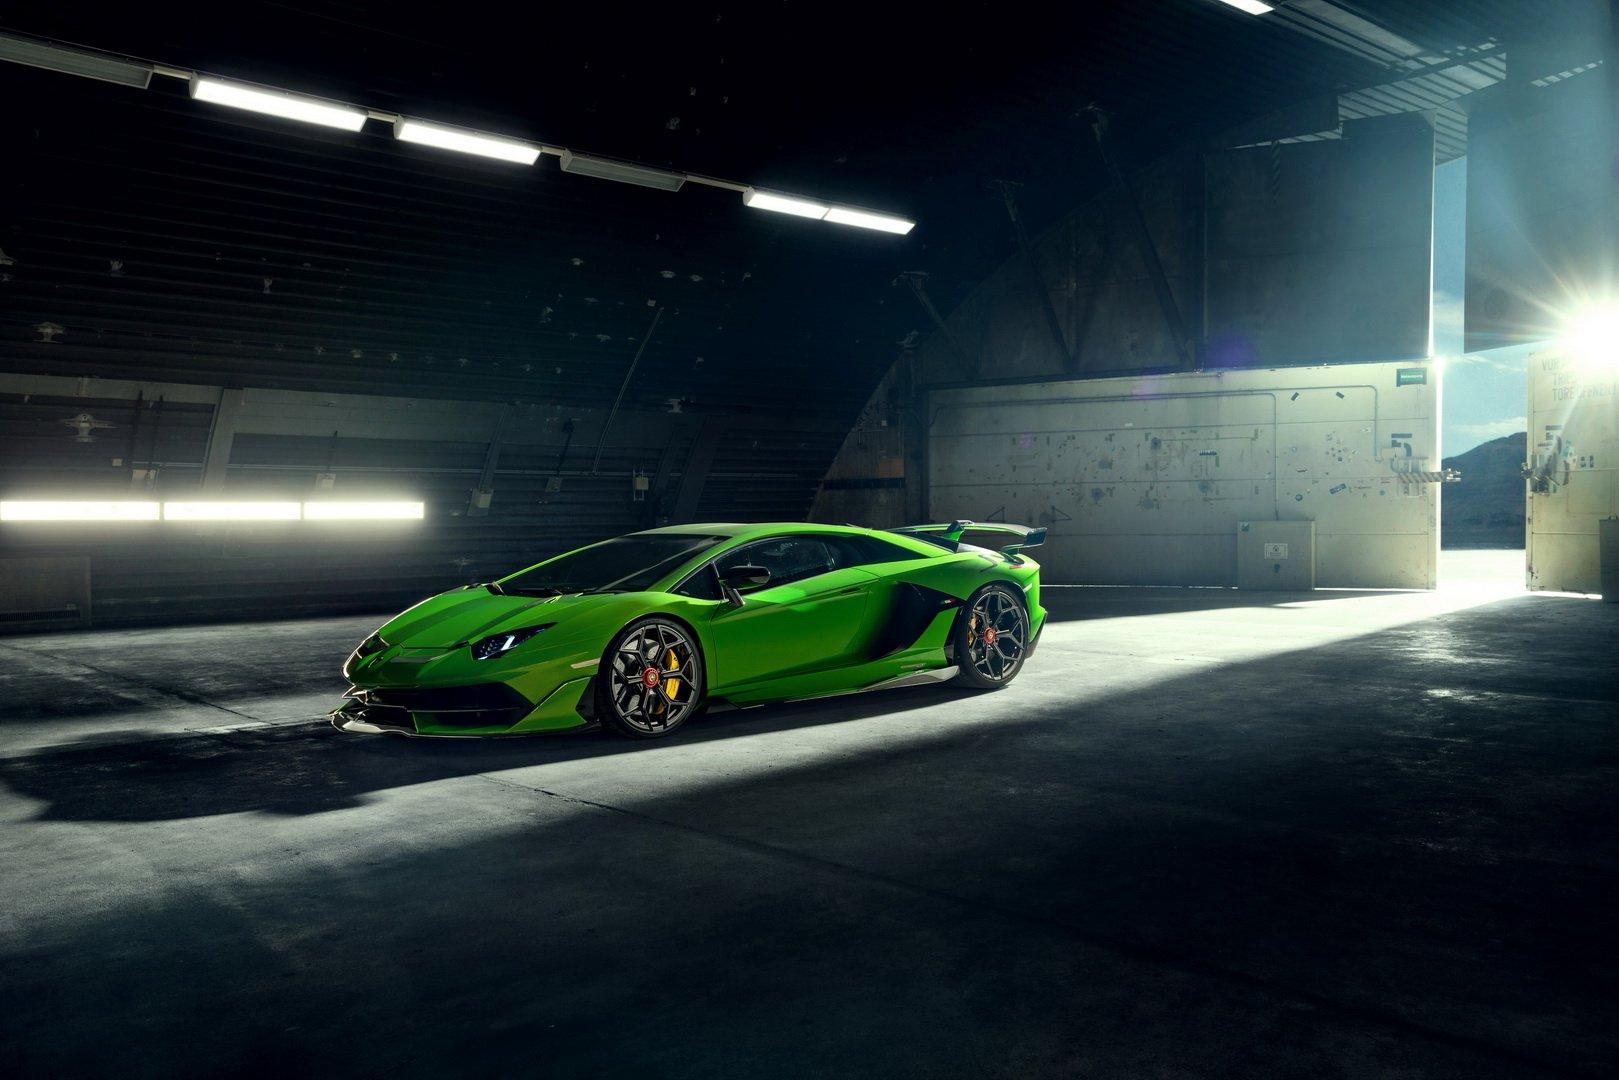 Lamborghini-Aventador-SVJ-by-Novitec-7